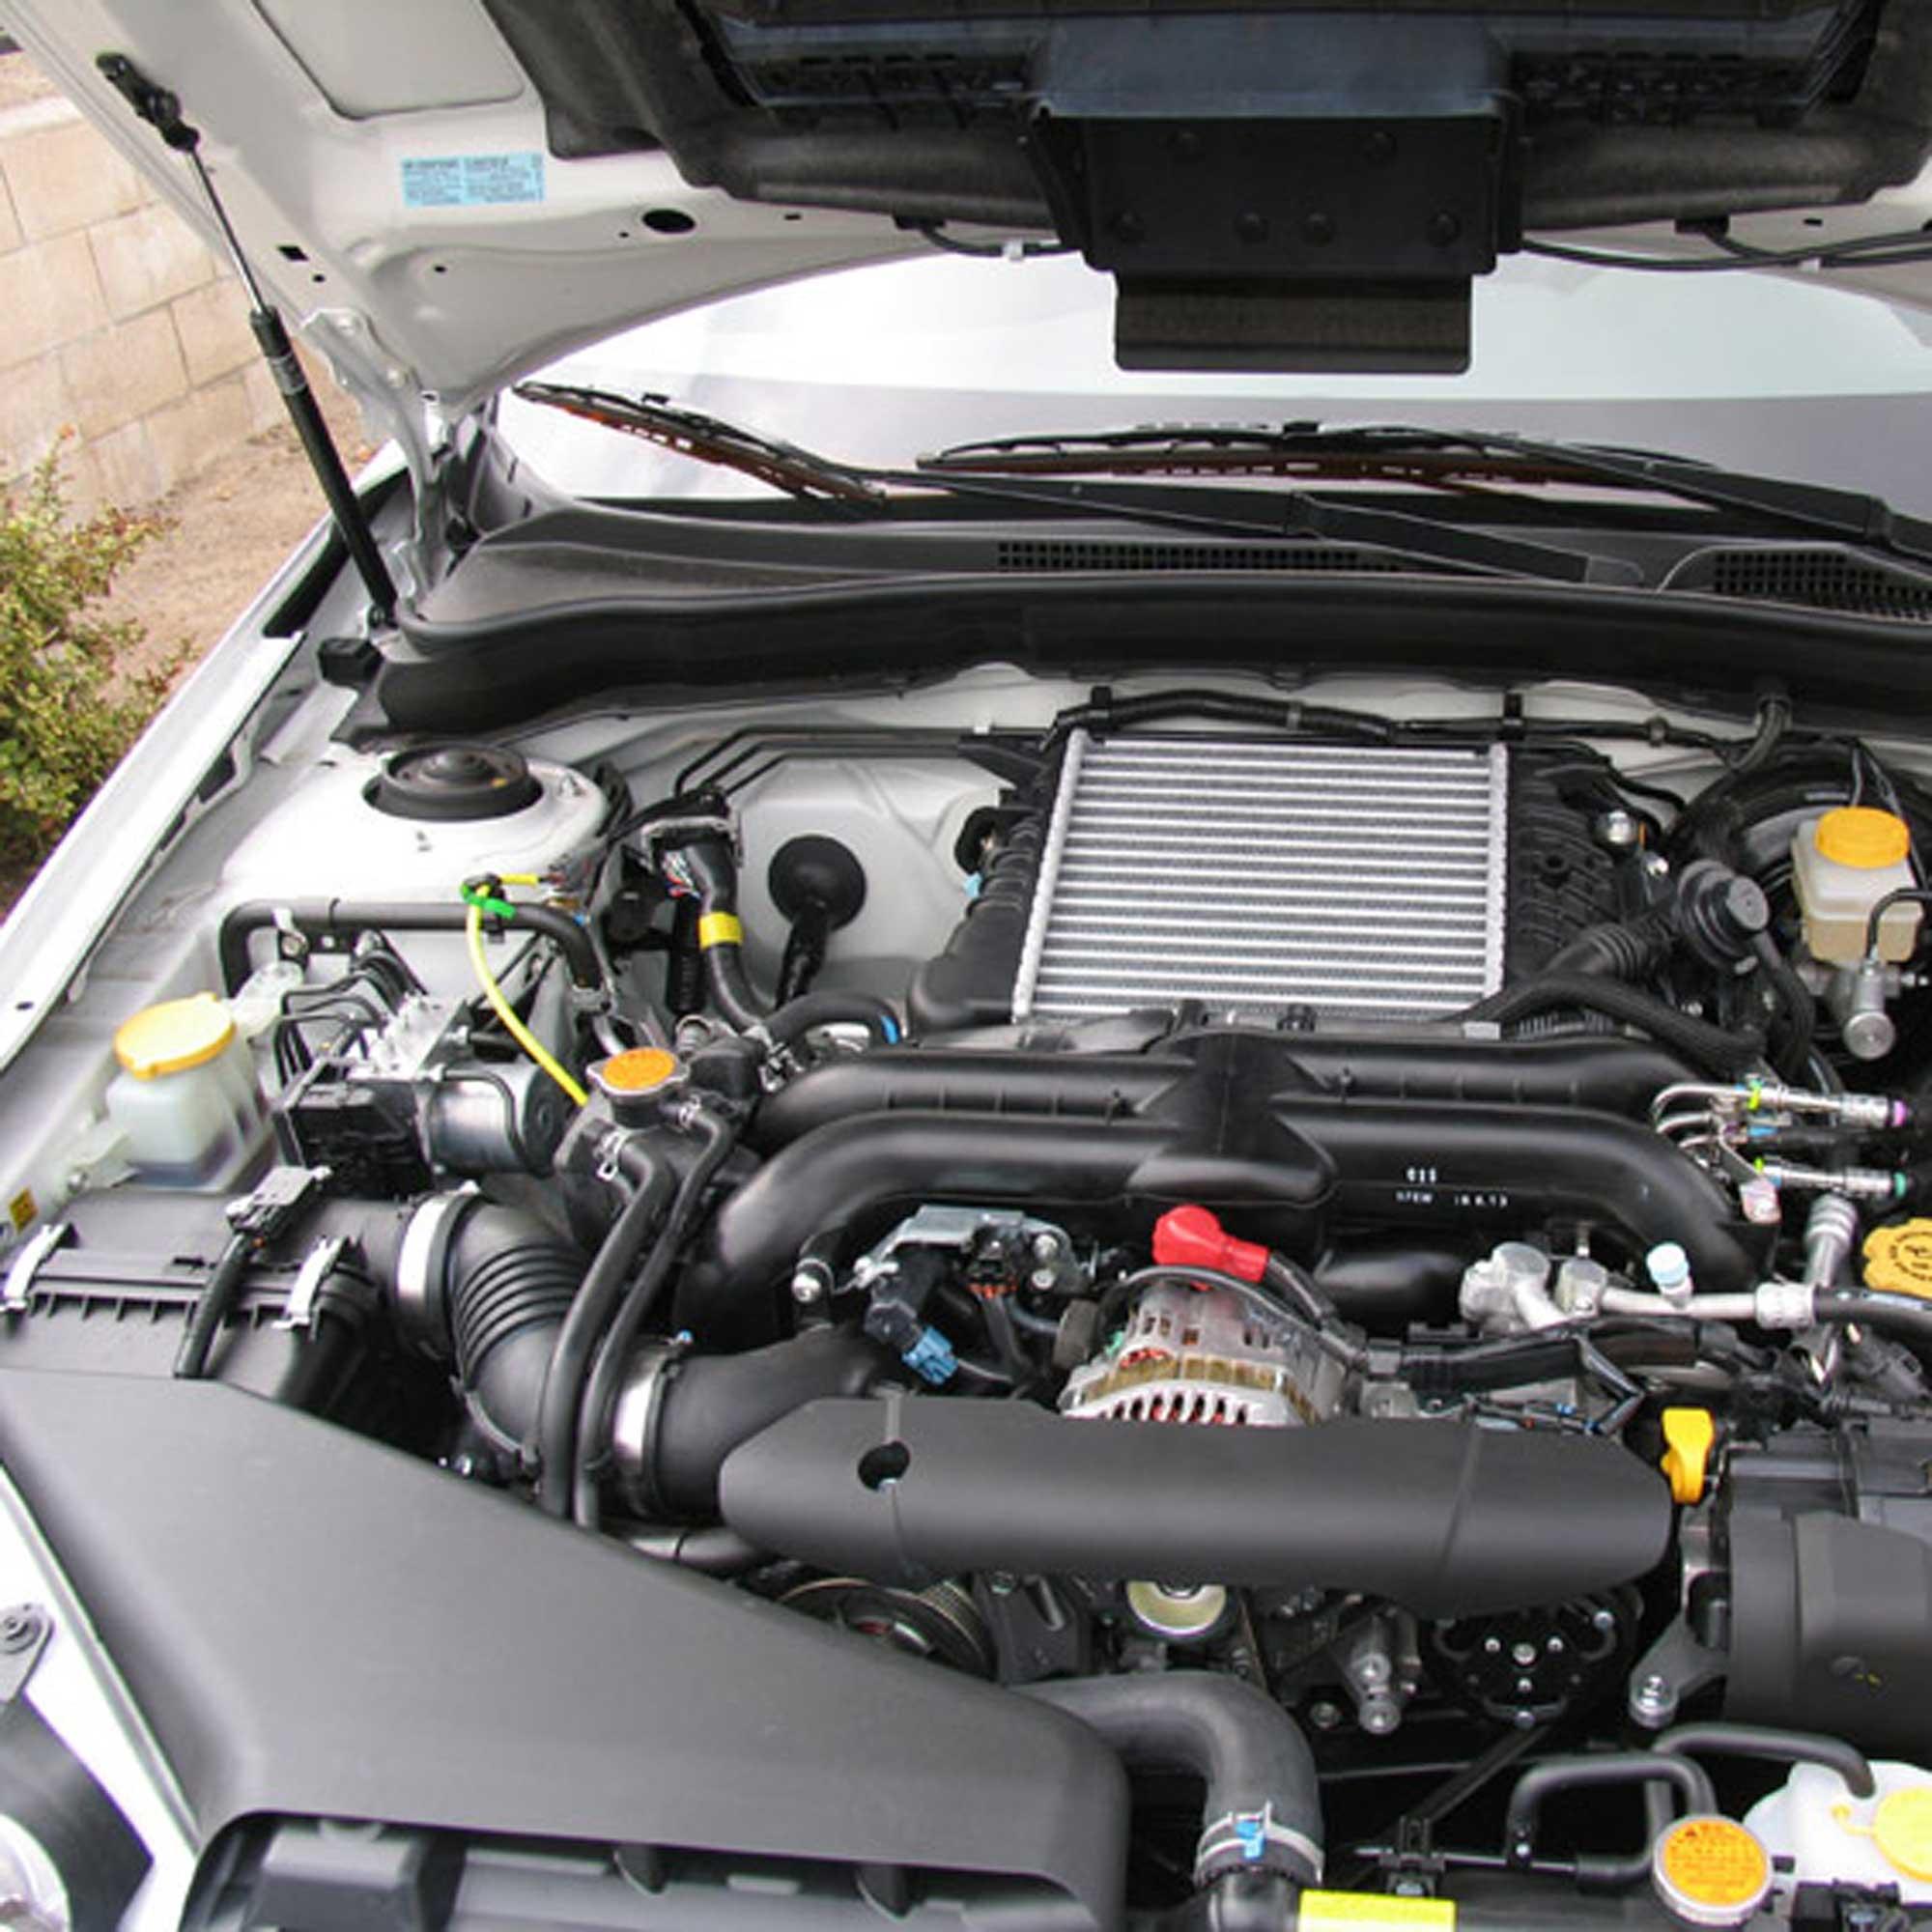 33-2232 K/&N AIR FILTER fits Subaru IMPREZA WRX STI 2.0 2002